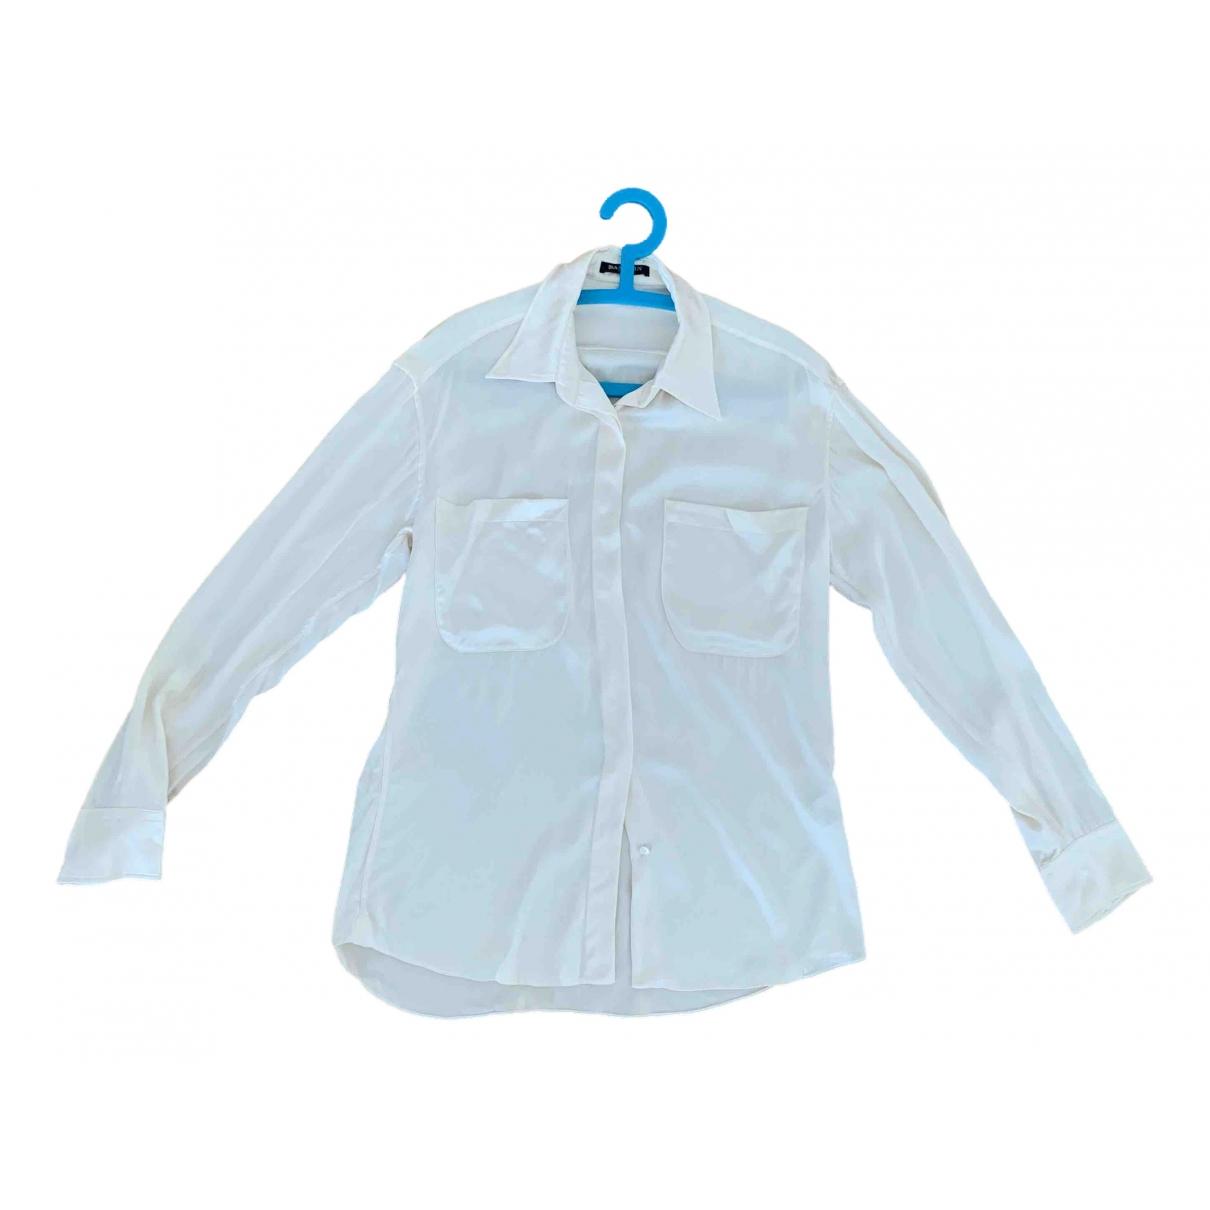 Balmain - Top   pour femme en soie - blanc